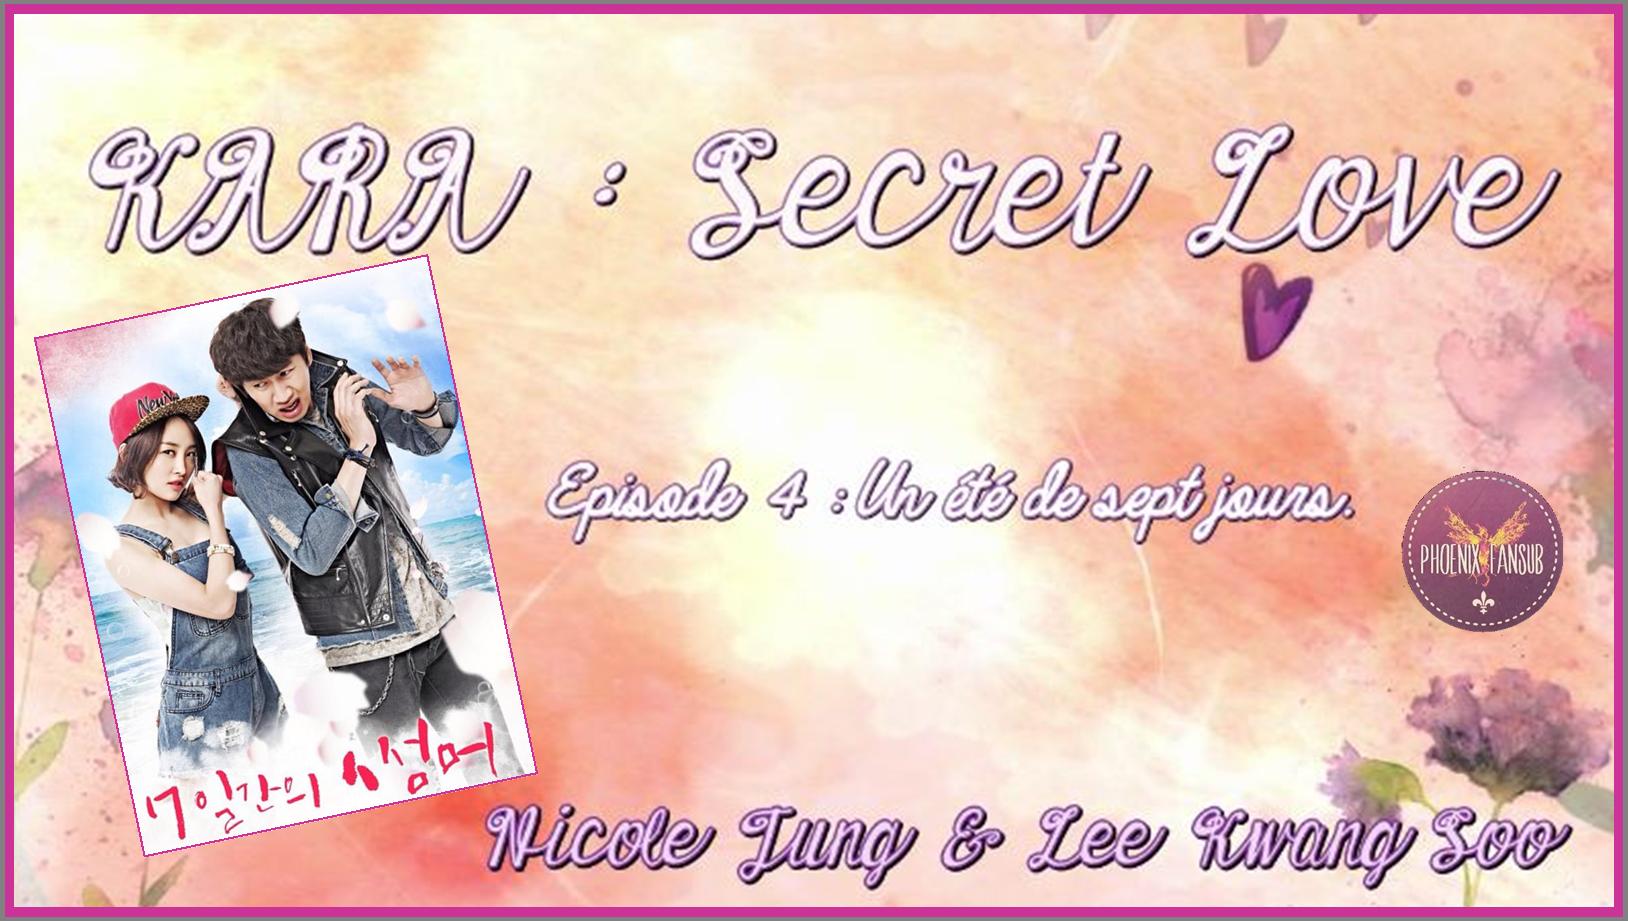 Kara: Secret love - Episode 4 (version longue) - Un été de 7 jours